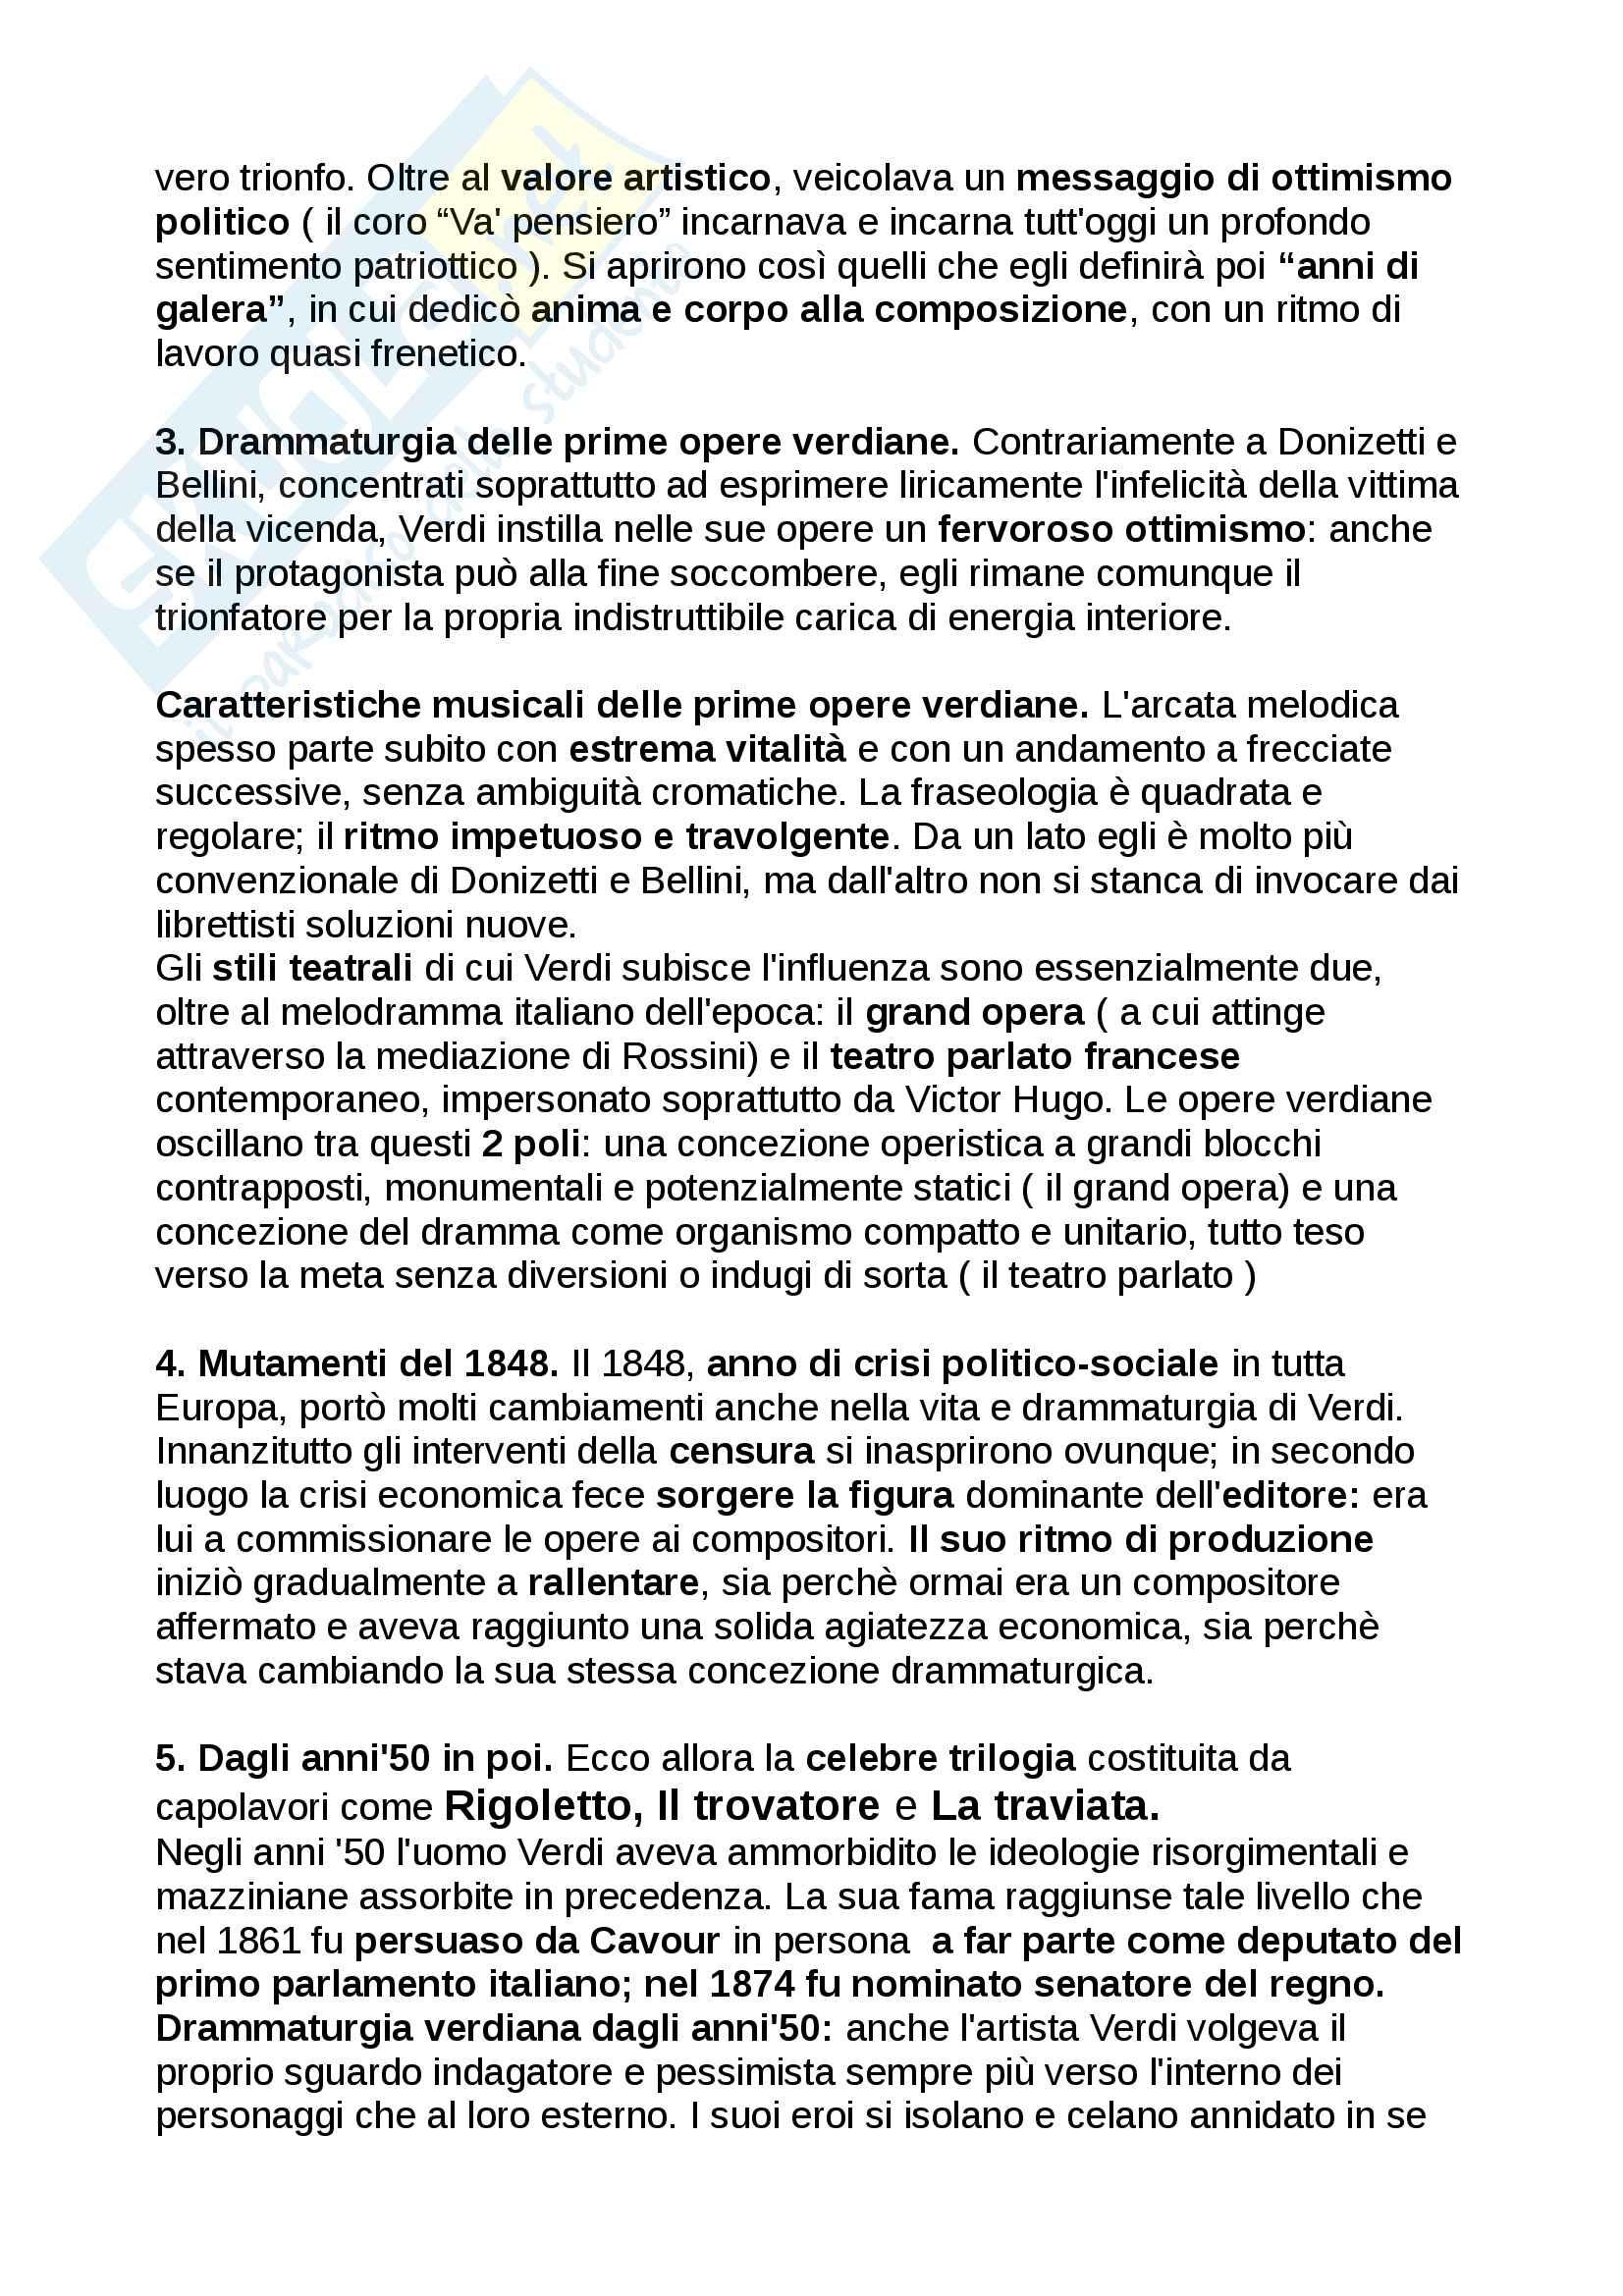 Riassunto Storia della musica moderna e contemporanea, libro consigliato: manuale, Carrozzo, Cimagalli - il 1800 Pag. 6